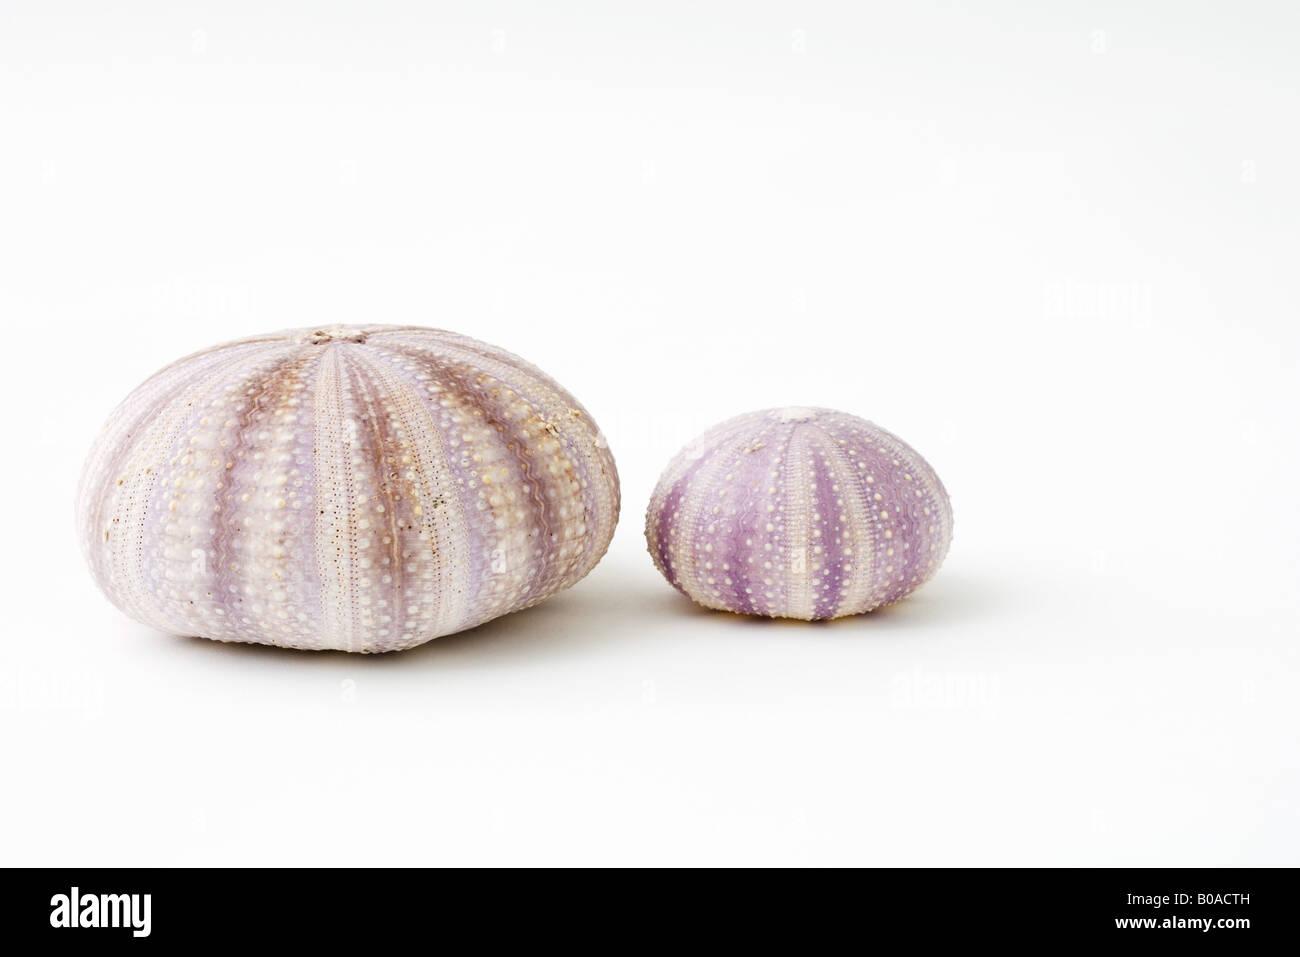 Les coquilles d'oursin de mer séchés Photo Stock